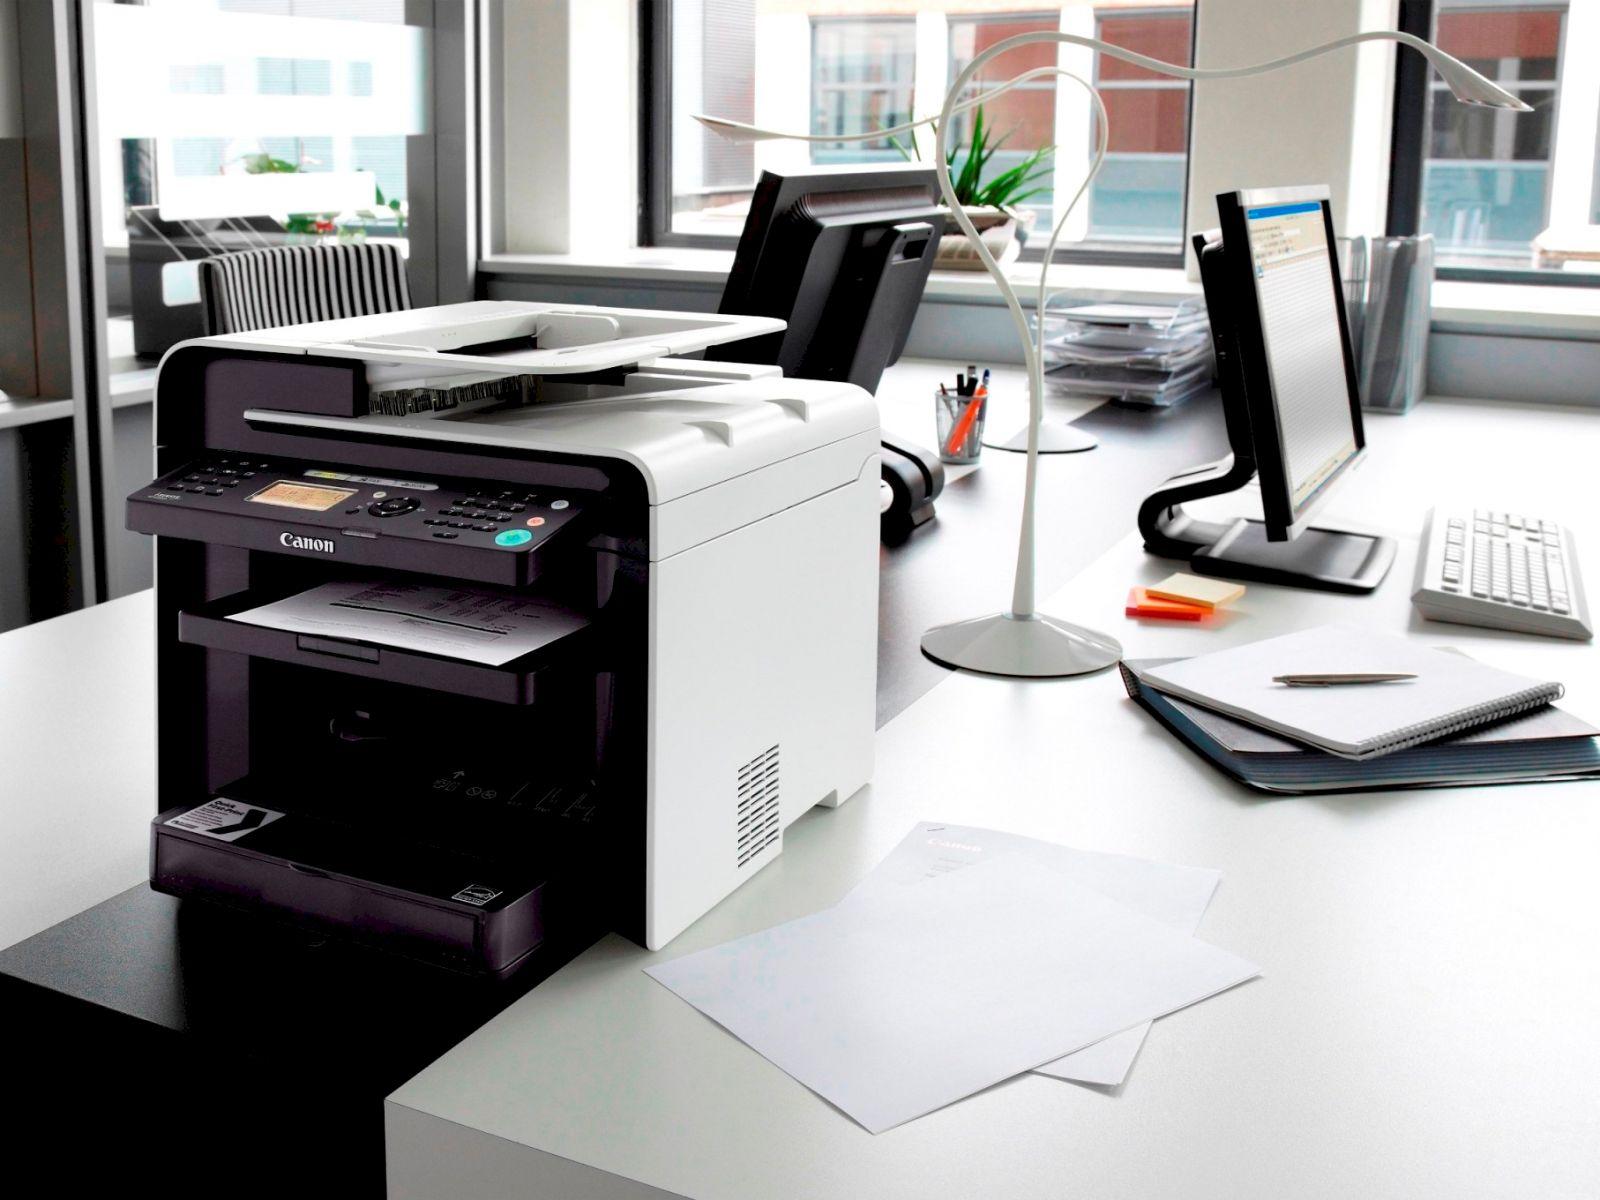 thiết bị văn phòng